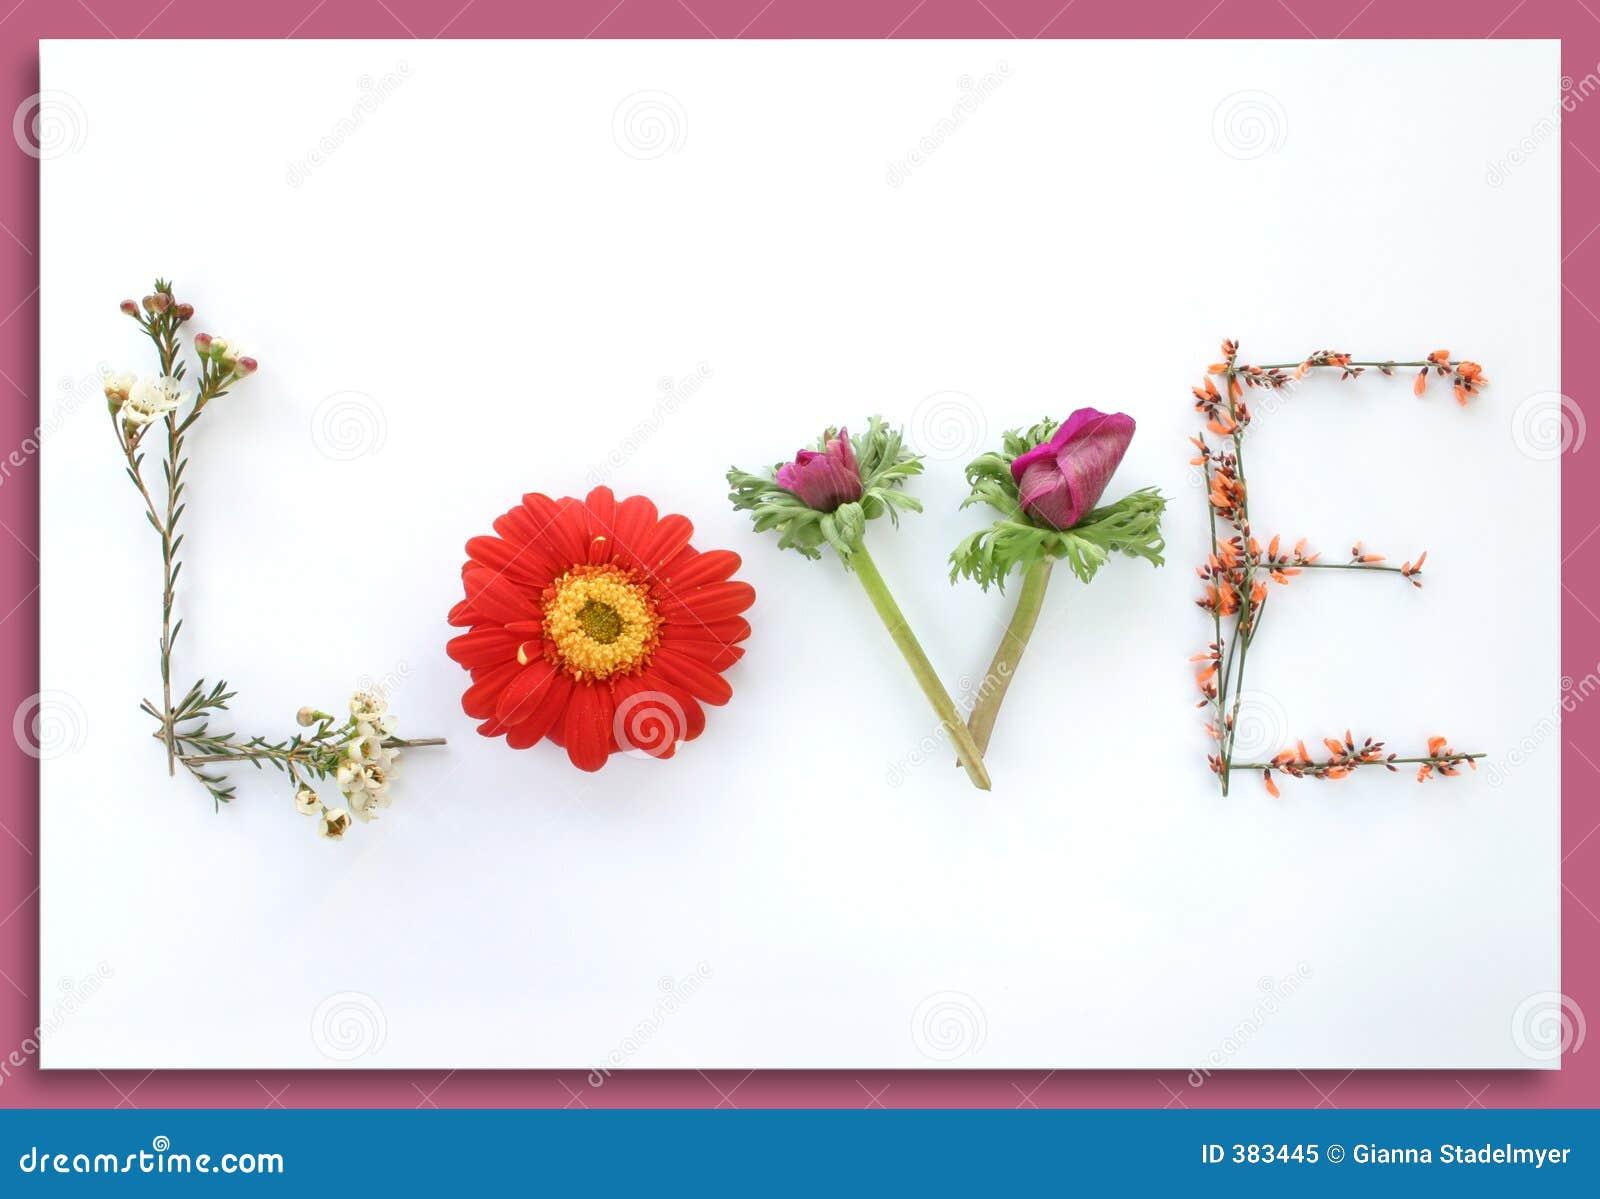 Dites-la avec des fleurs : Amour